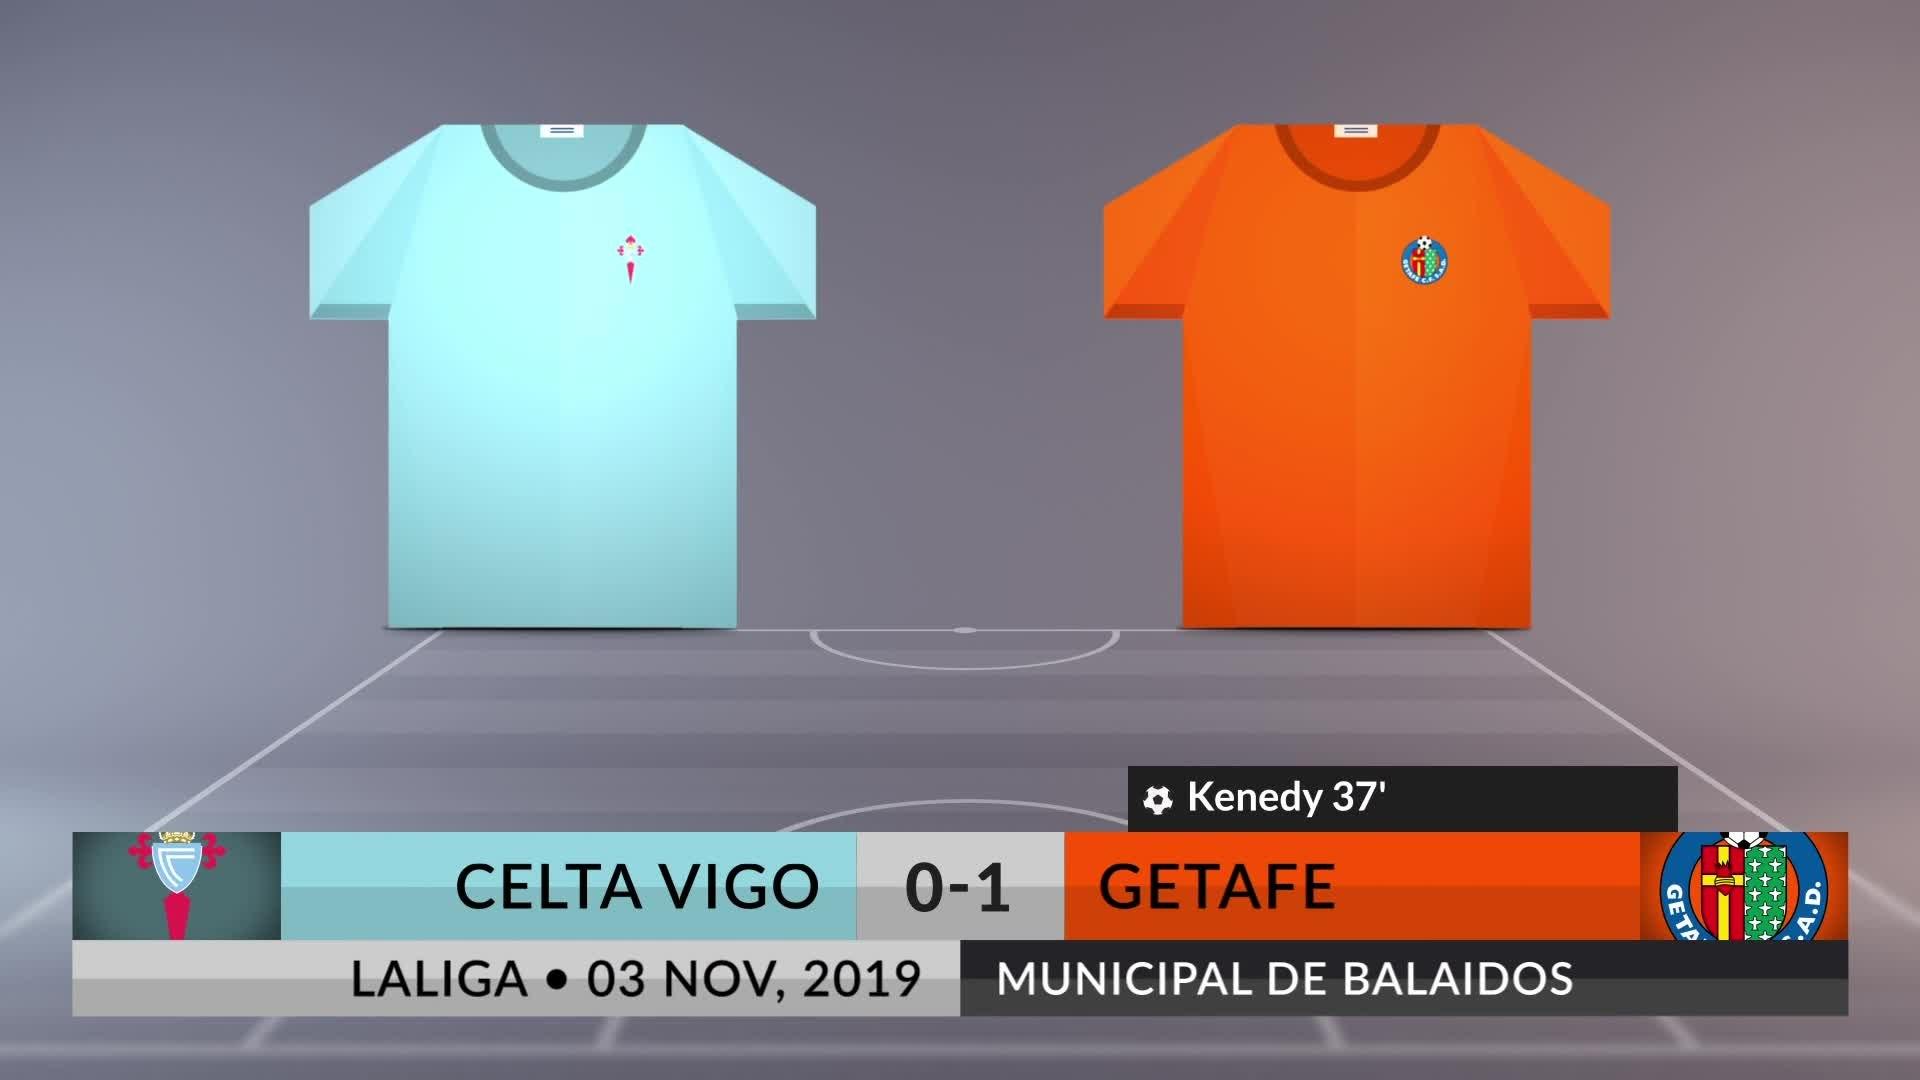 Match Review: Celta Vigo vs Getafe on 03/11/2019